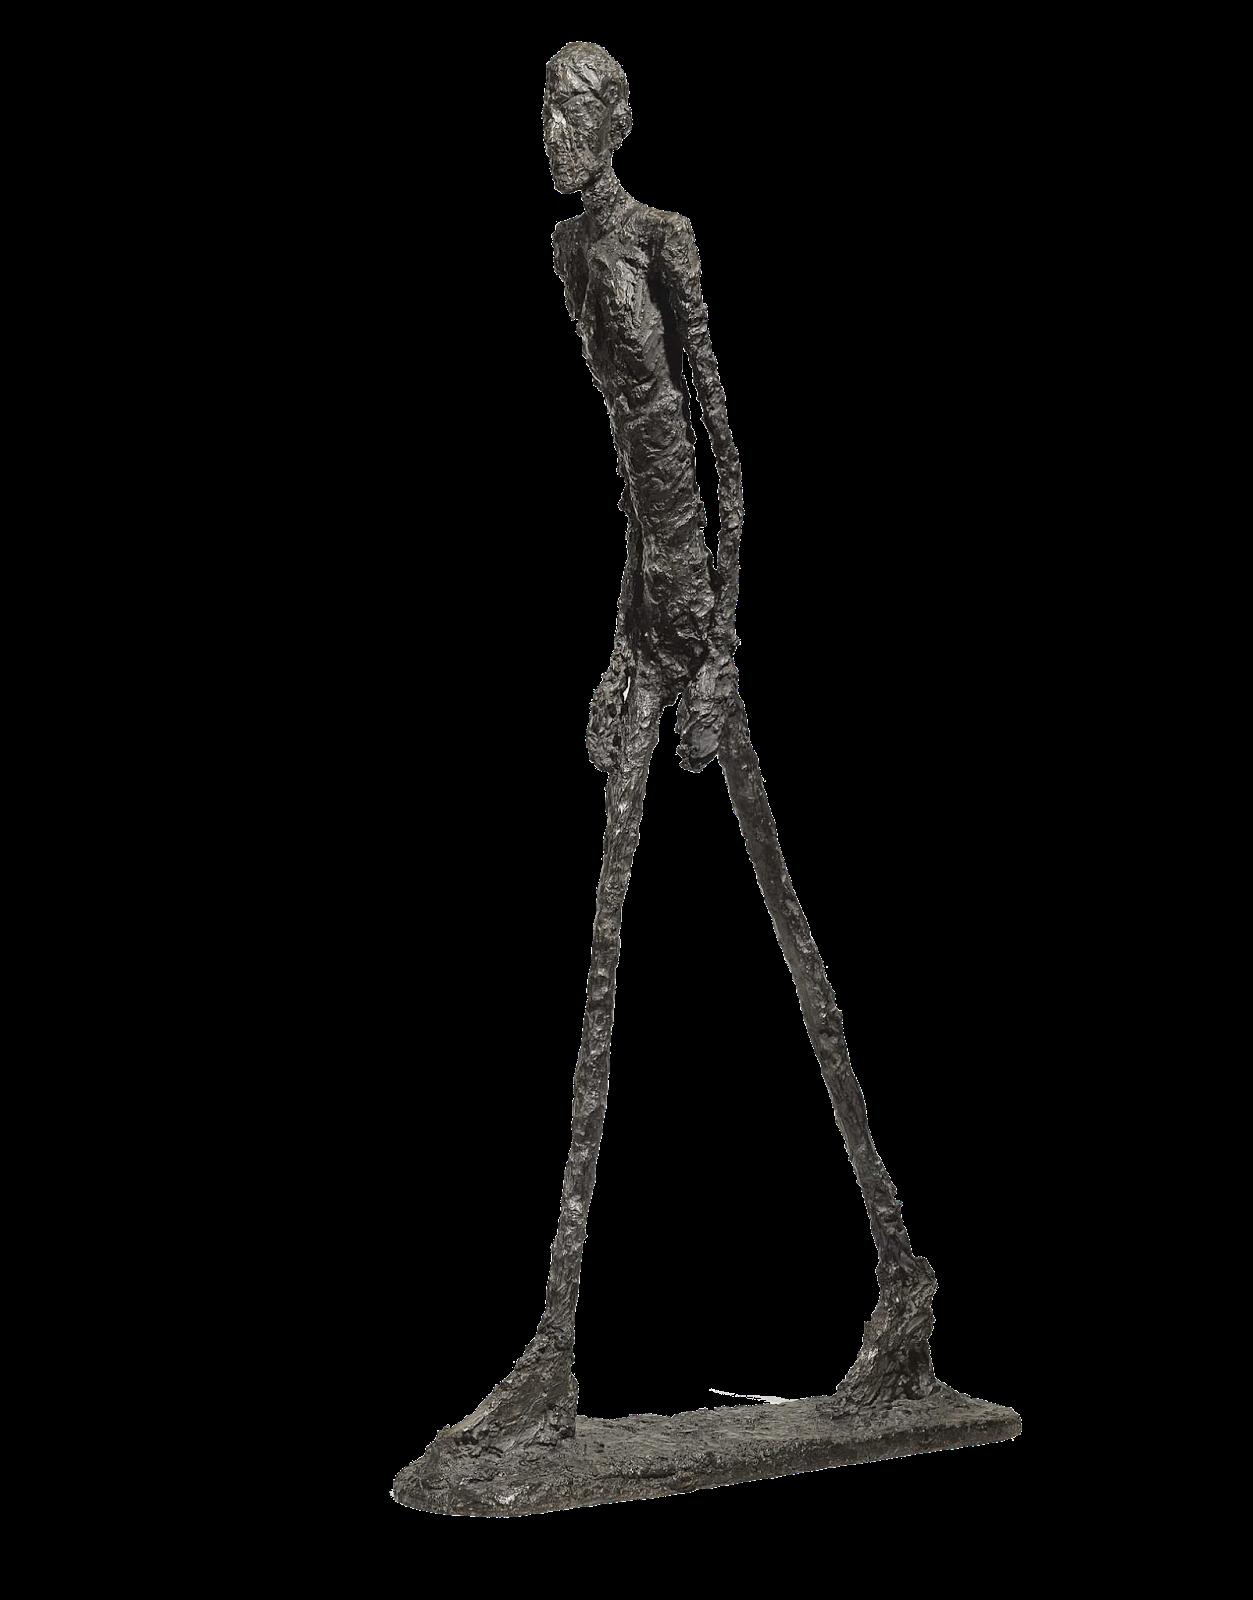 « L'Homme qui marche I », Alberto Giacometti, image via Pinterest